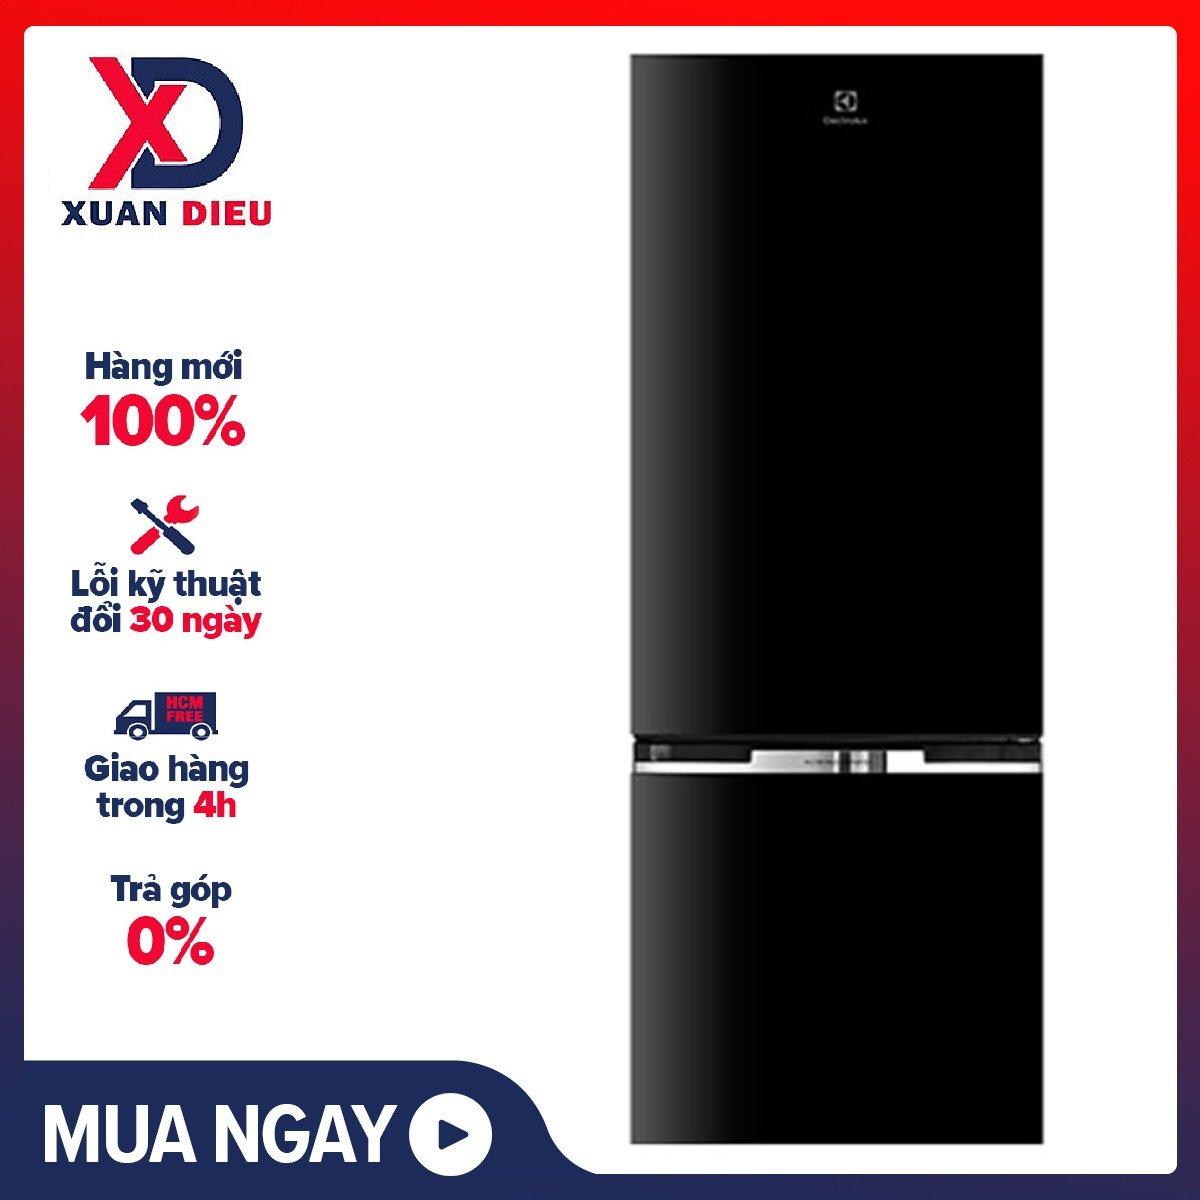 [HCM][Trả góp 0%]Tủ lạnh Electrolux Inverter 320 lít EBB3400H-H – Miễn phí vận chuyển HCM